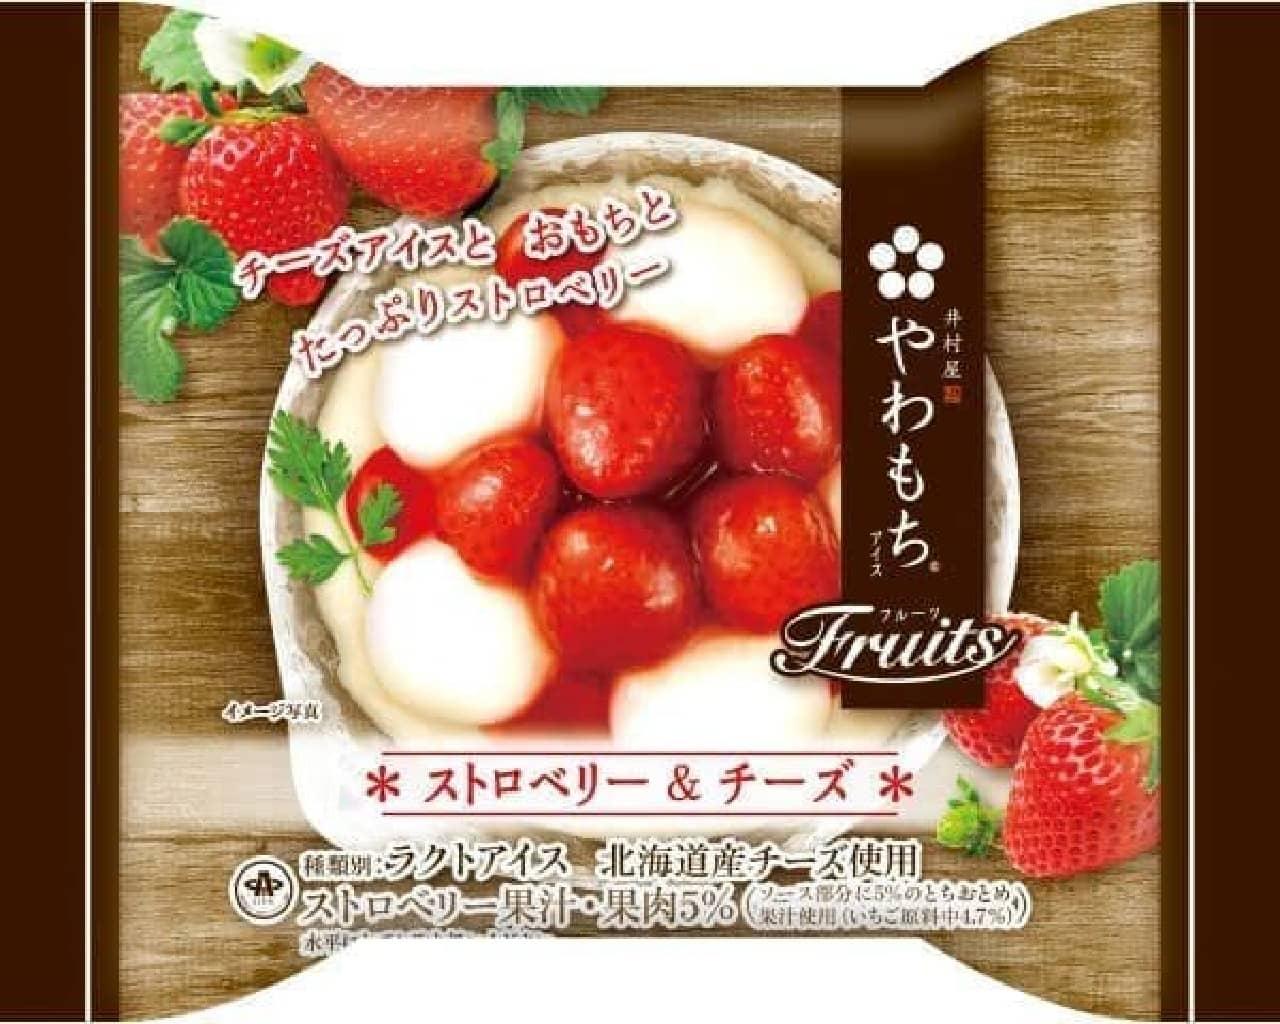 井村屋「やわもちアイス Fruits ストロベリー&チーズ」